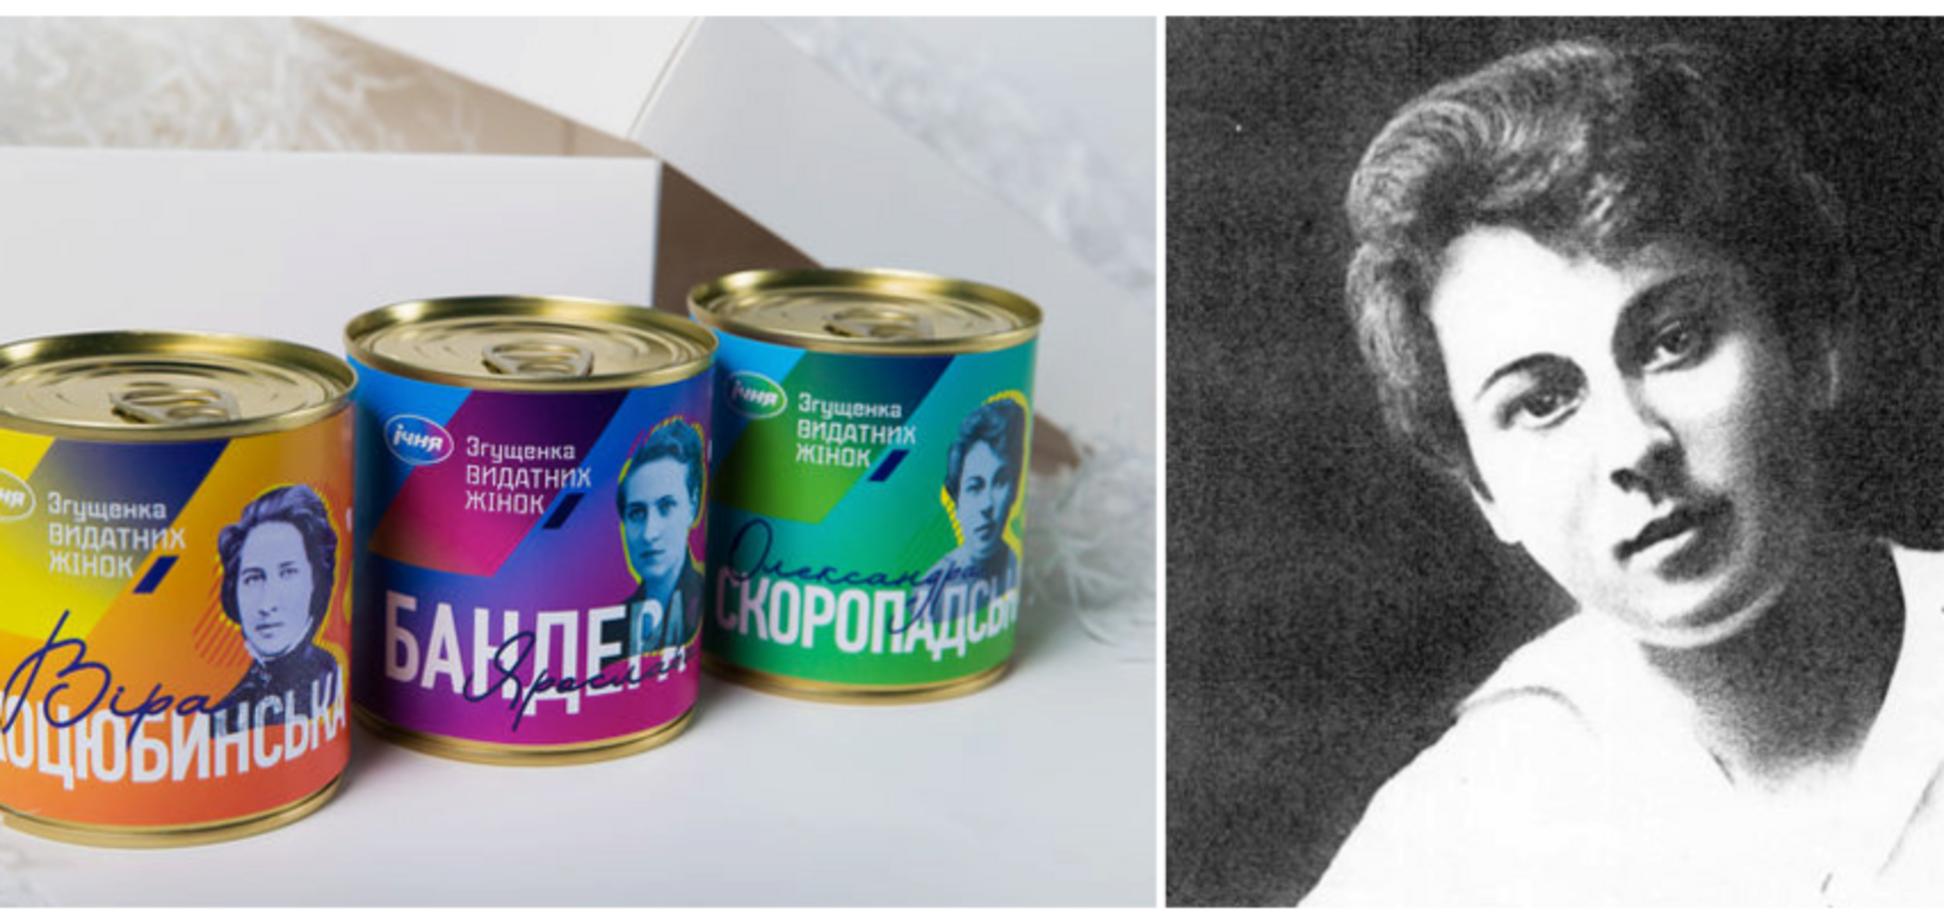 Скандальне згущене молоко з націоналістками України: в мережі знайшли ганебний ляп. Фотофакт